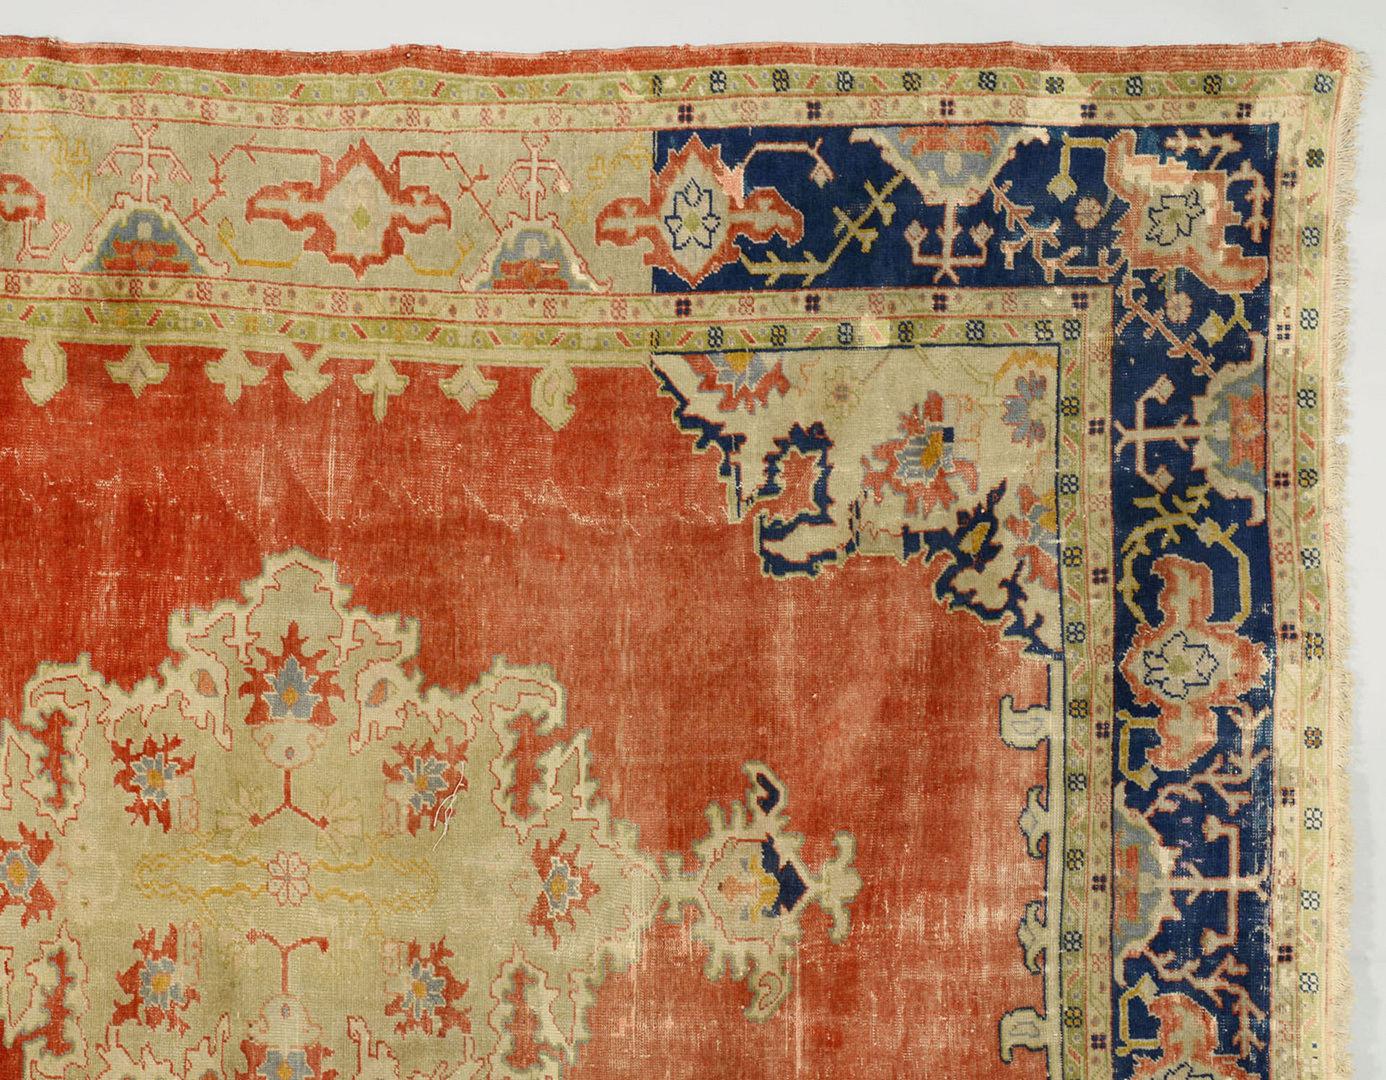 Lot 704: Semi-antique Turkish Ghiordes or Oushak Carpet